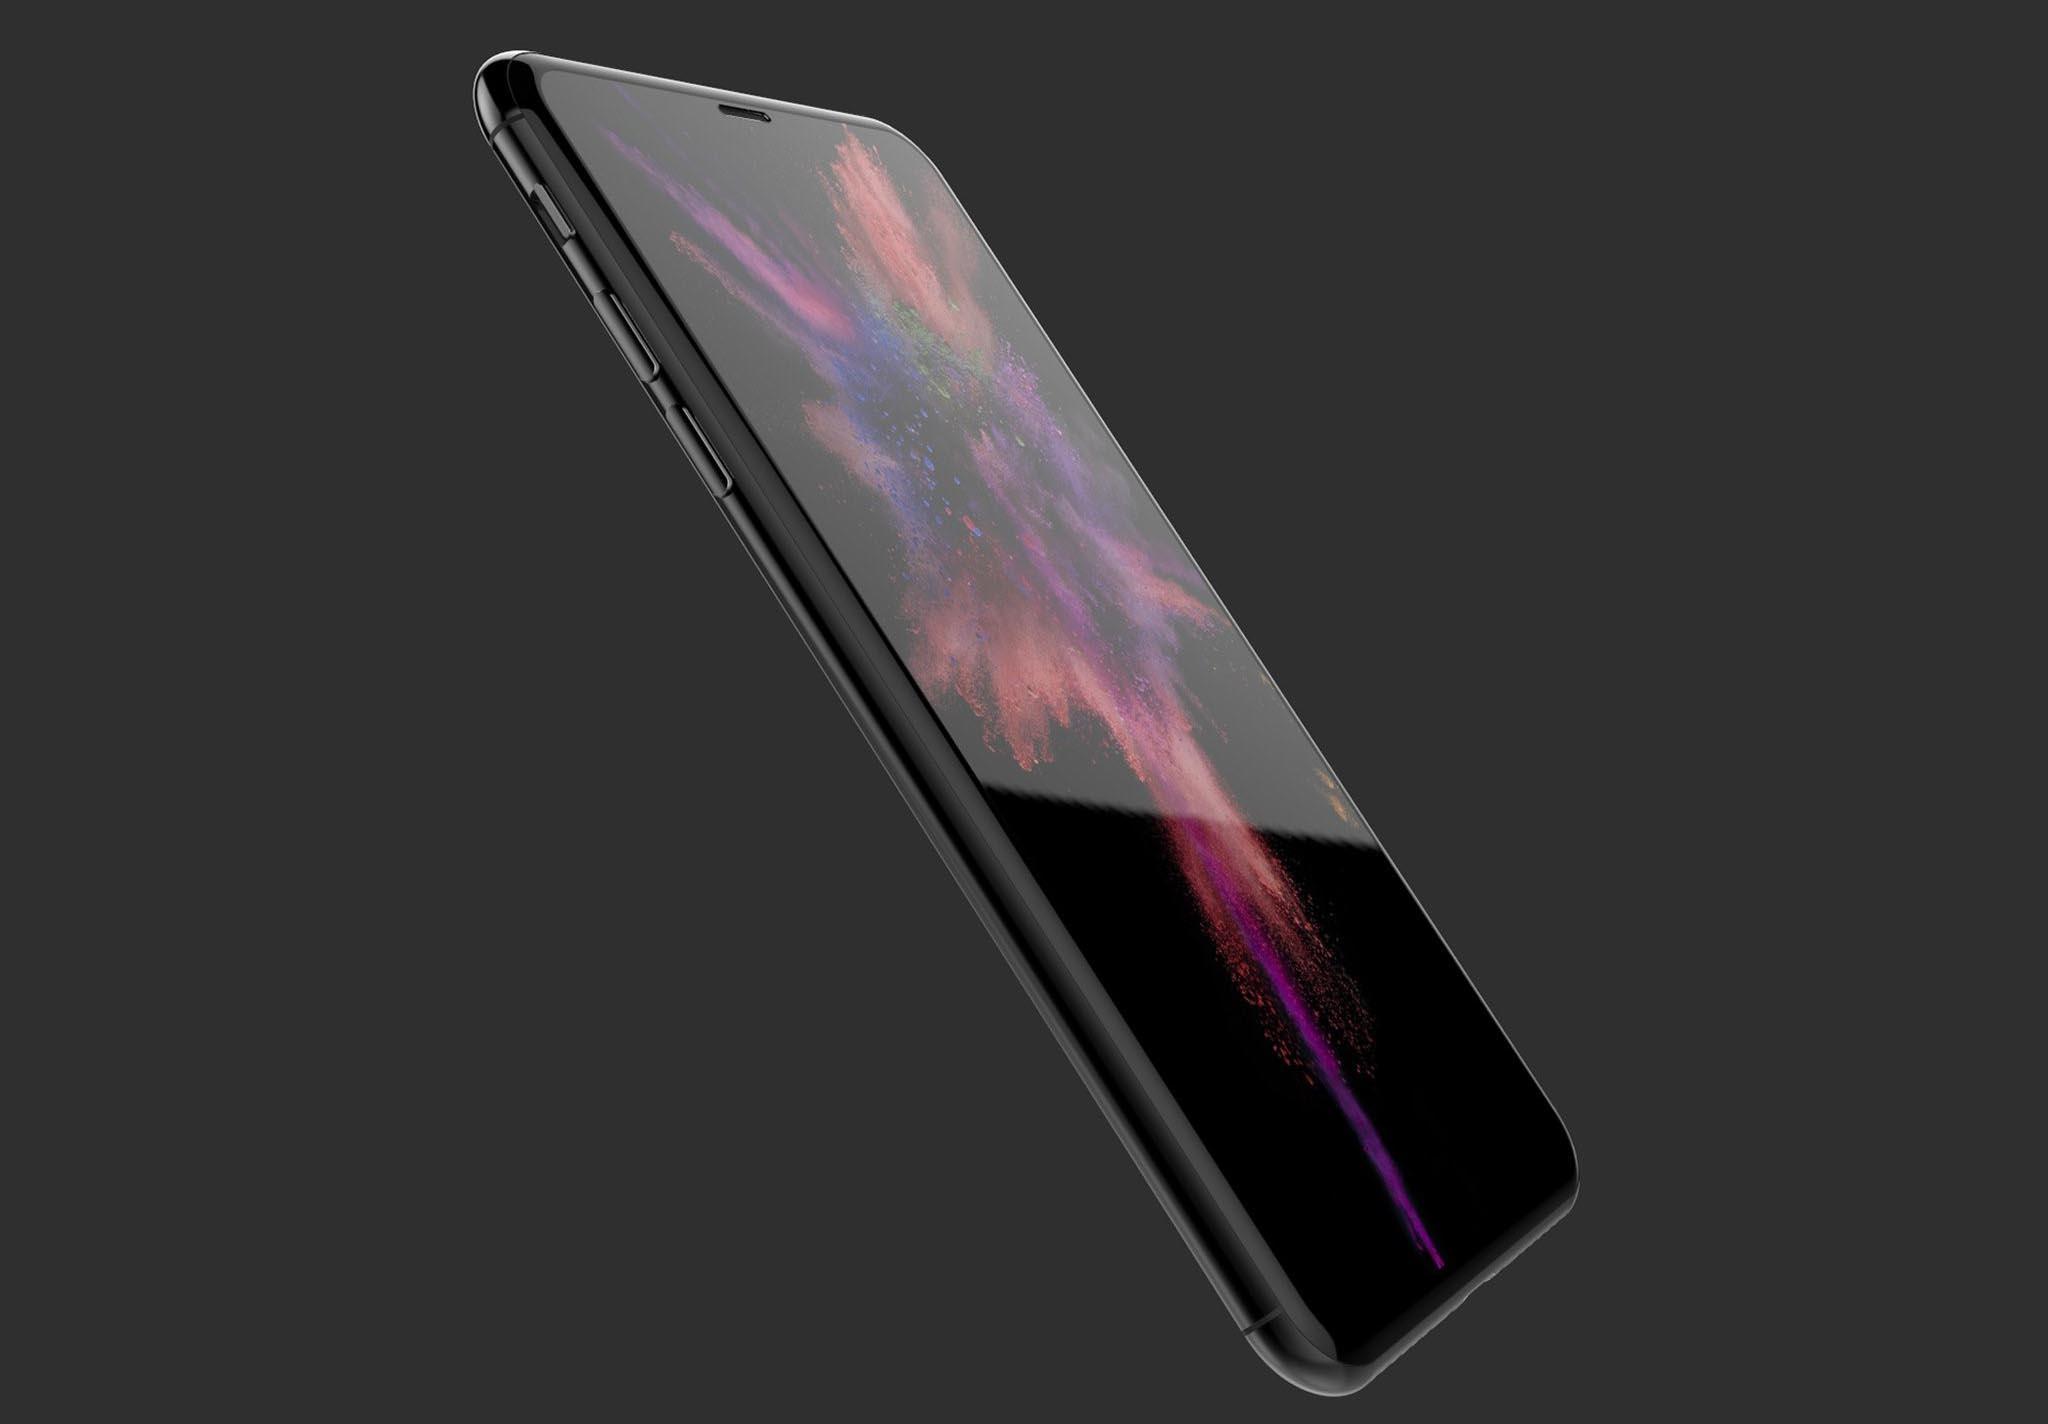 iPhone 8 sẽ thiếu hàng trầm trọng khi ra mắt